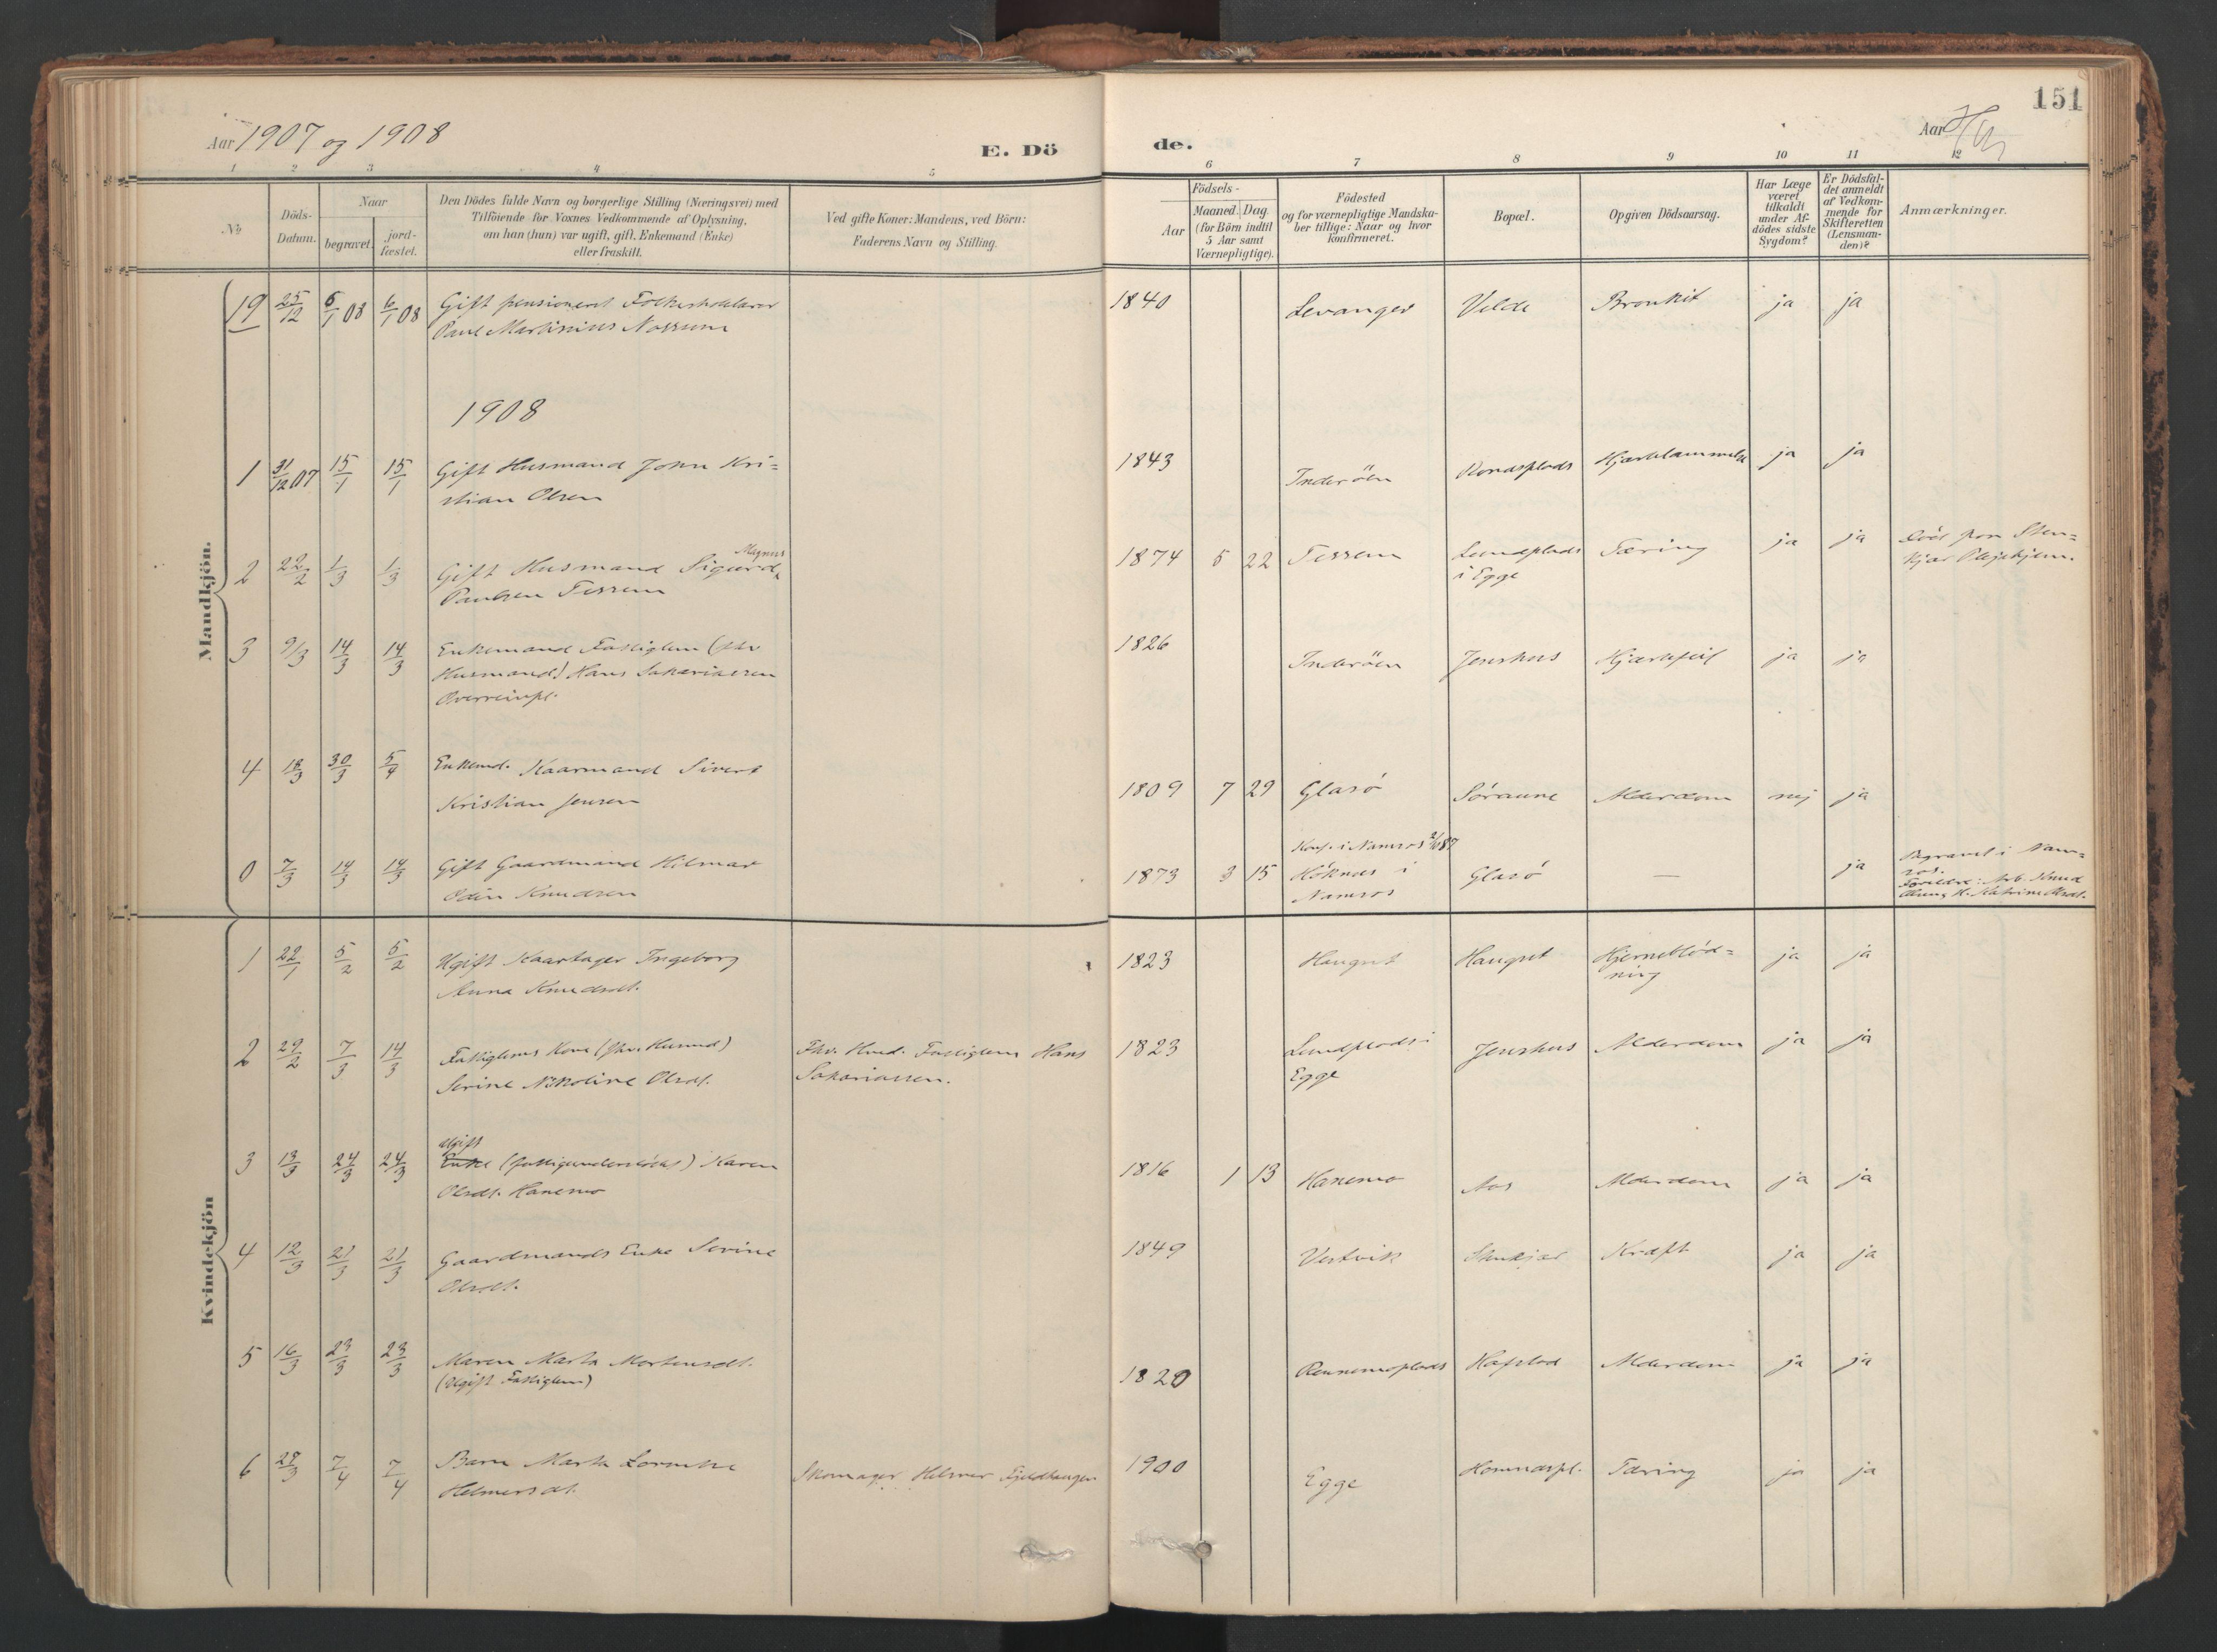 SAT, Ministerialprotokoller, klokkerbøker og fødselsregistre - Nord-Trøndelag, 741/L0397: Ministerialbok nr. 741A11, 1901-1911, s. 151